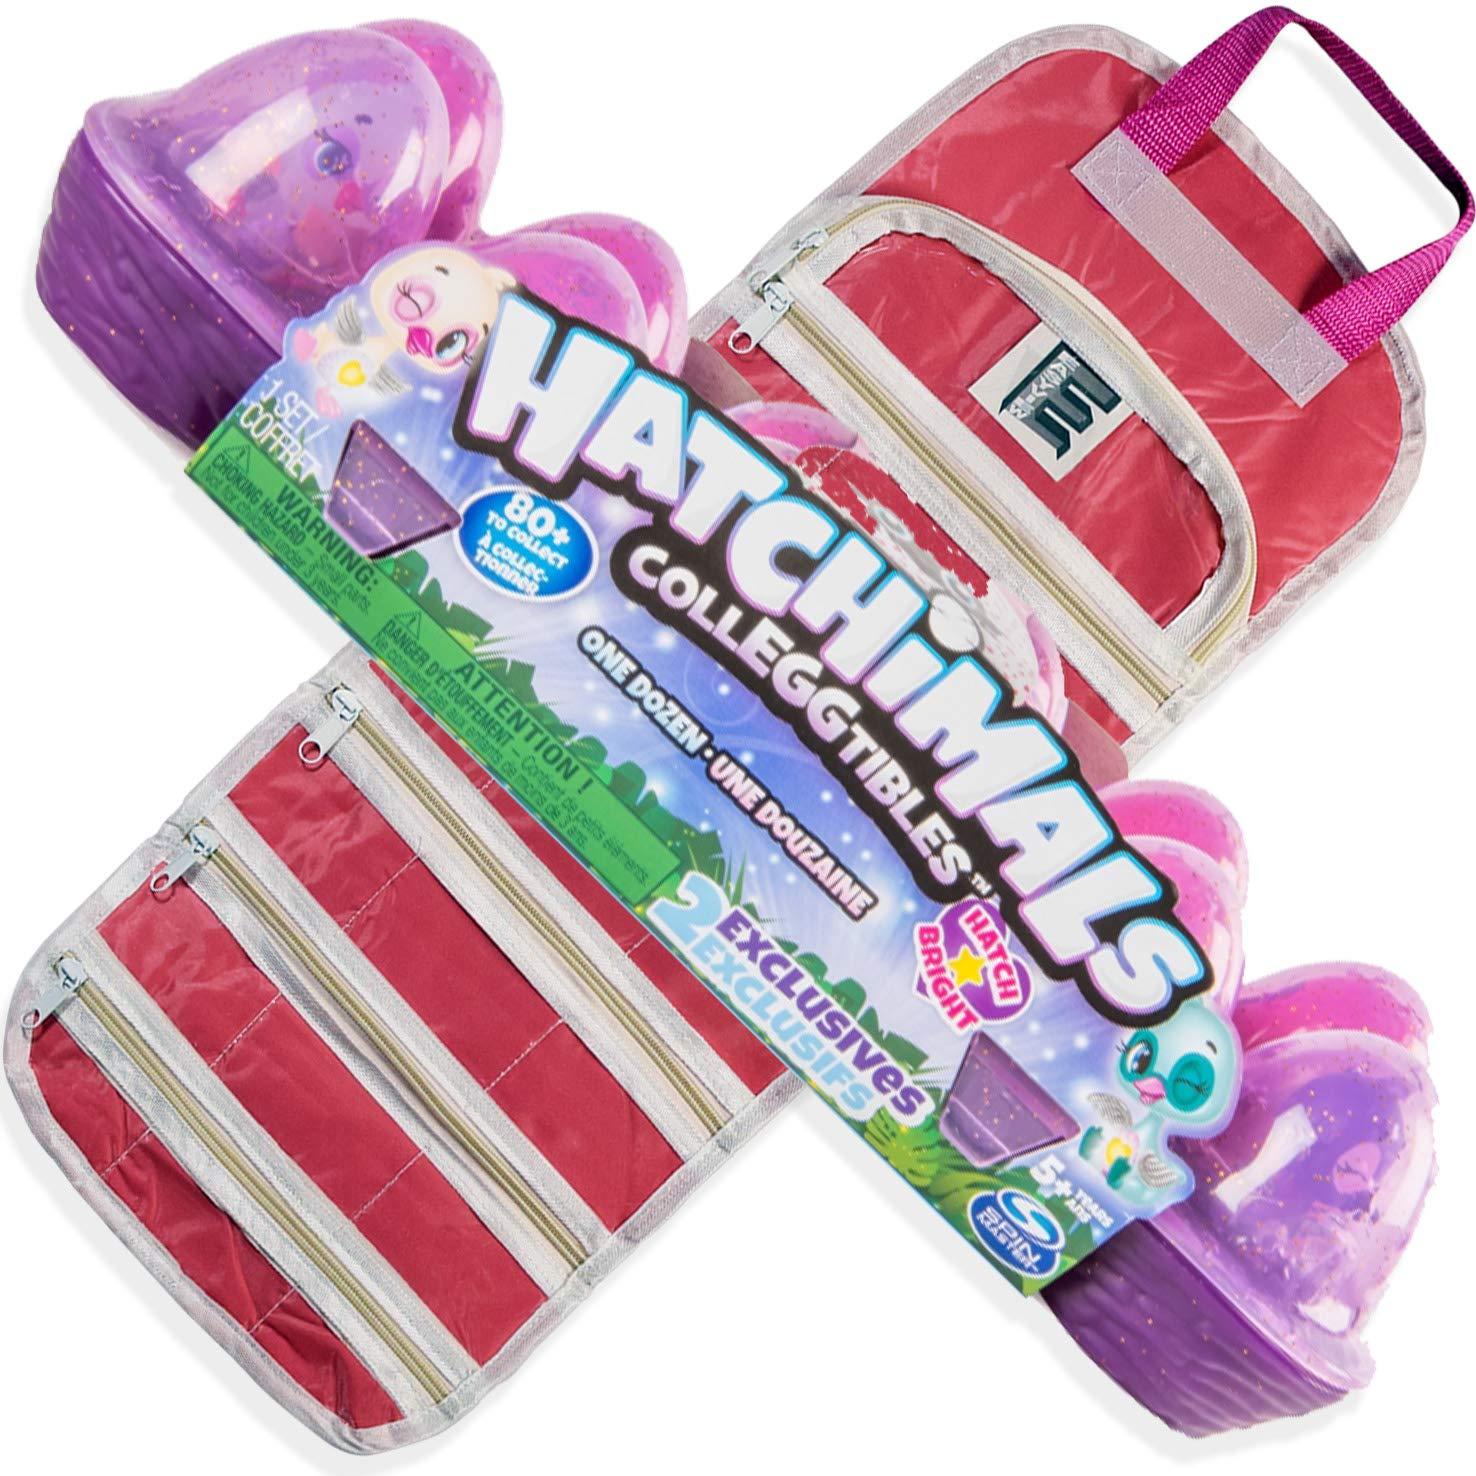 EASYVIEW Toy Storage Organizer Case with Season 4 Hatchimals CollEGGtibles Dozen Eggs Bundle (Pink S2)